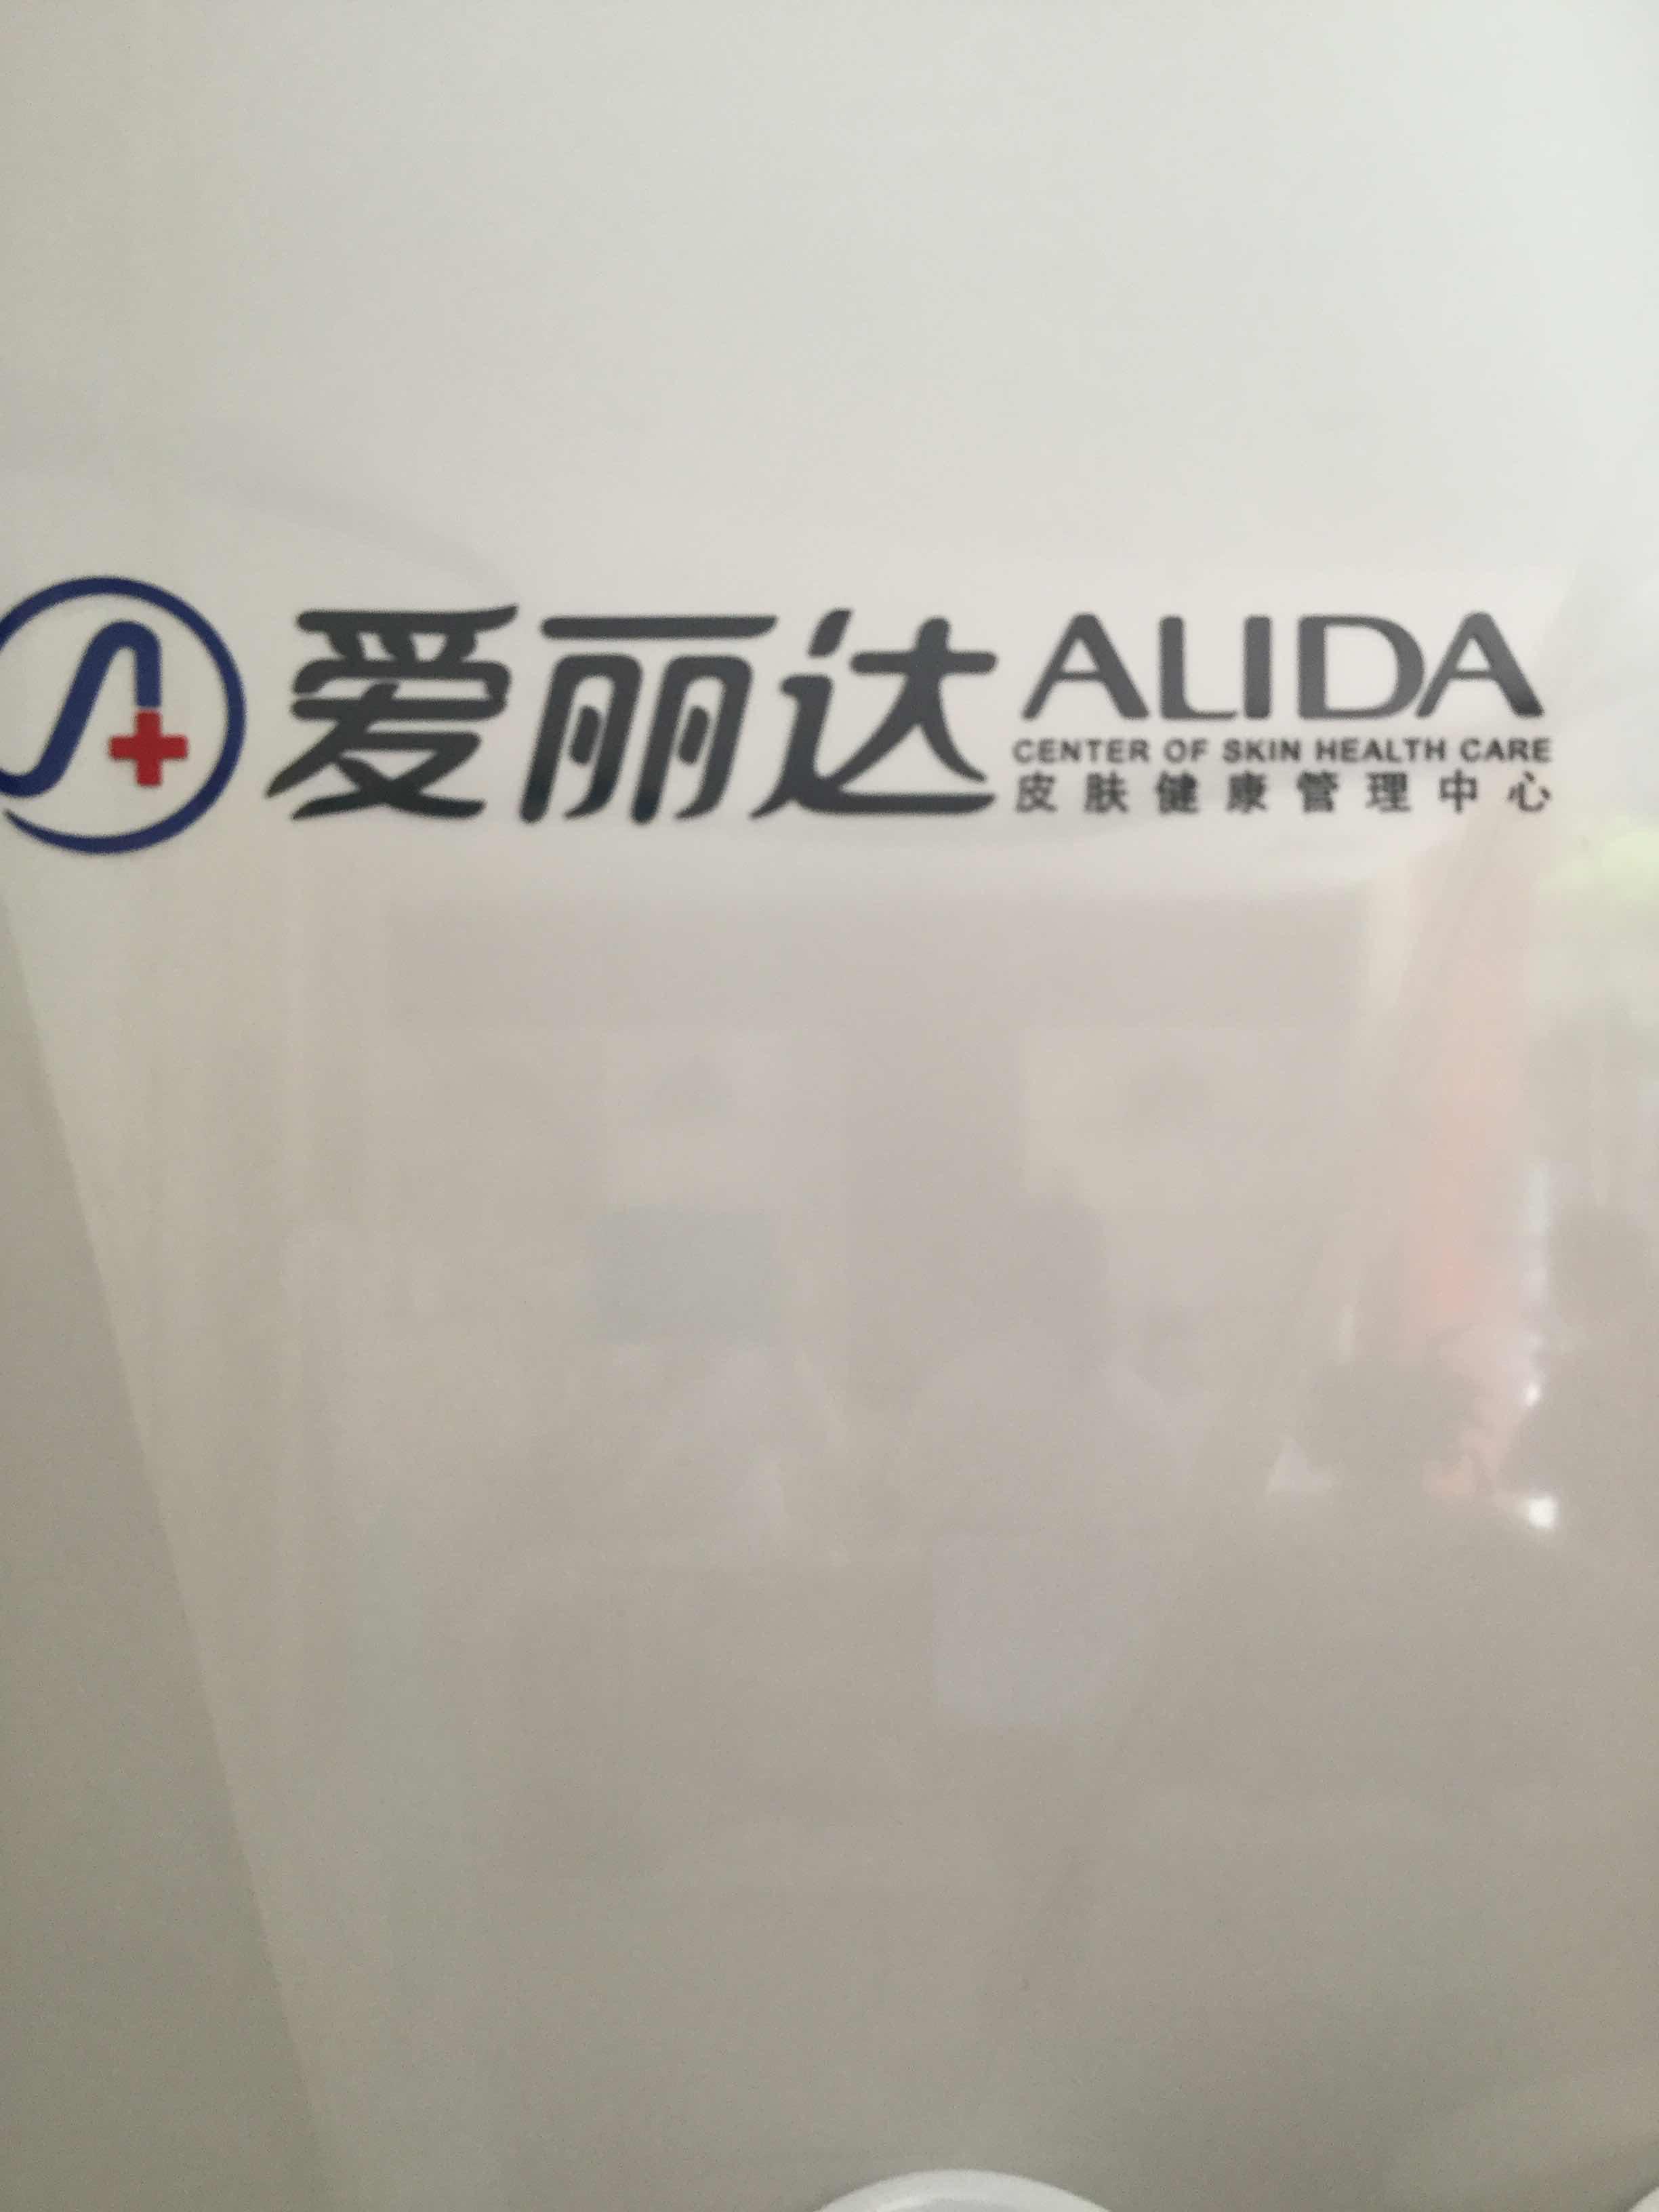 微整形有哪些项目,有没有天津的朋友知道爱丽达这个品牌的